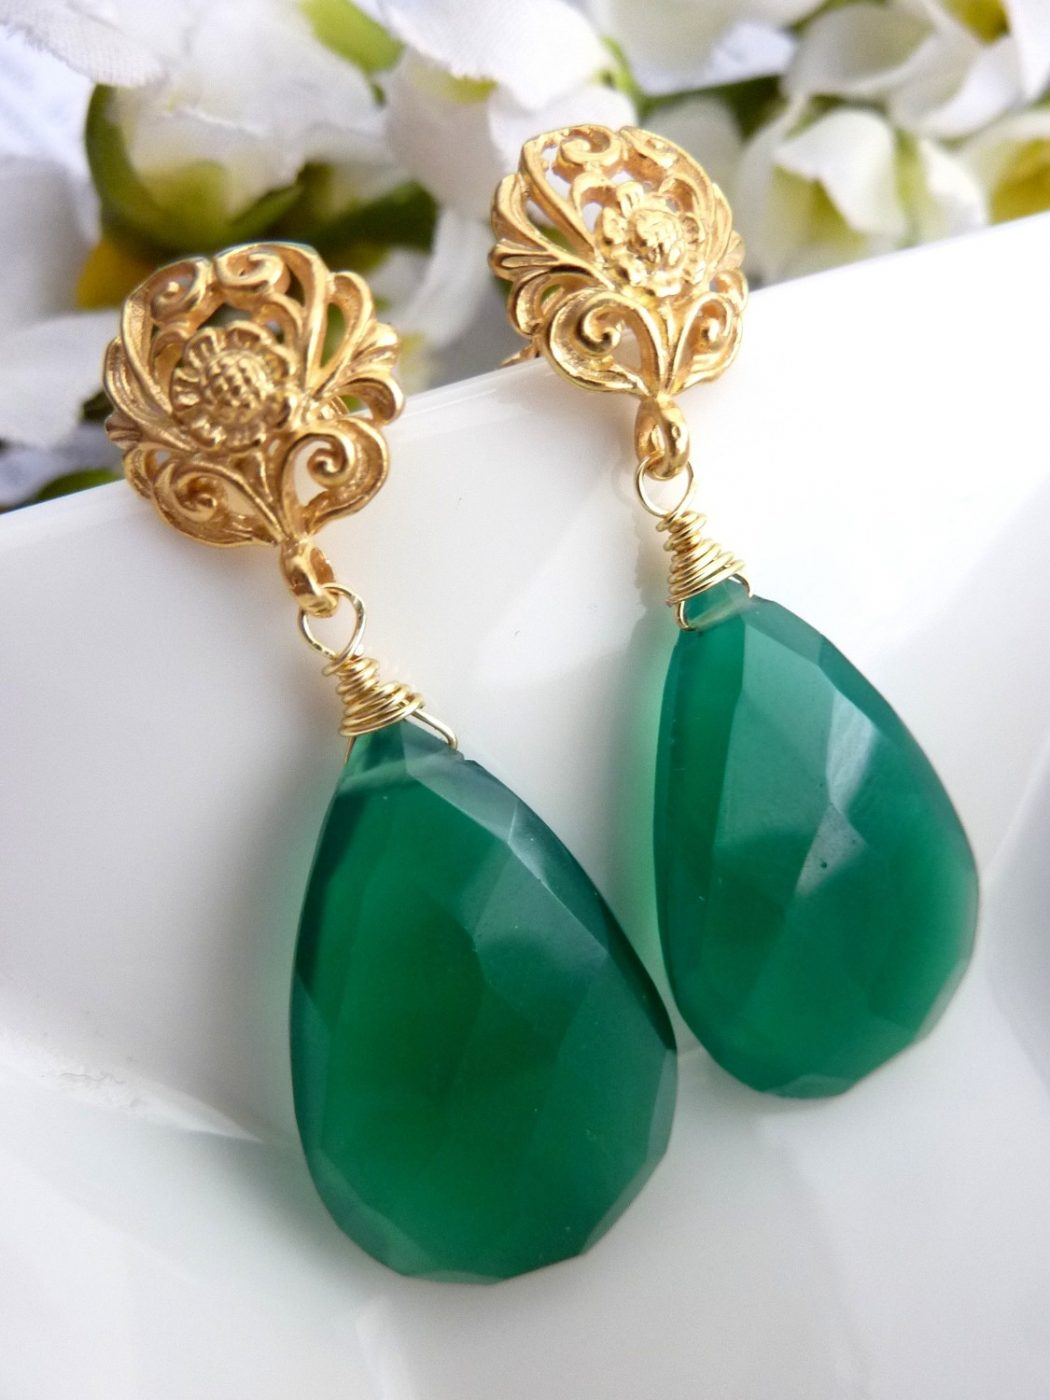 JCGemsJewelry-18-Karat-Gold-Vermeil-Emerald-Green-Onyx-Earrings-inpsied-by-Angelina-Jolie Best 30 Inspiring Jewelry Designs